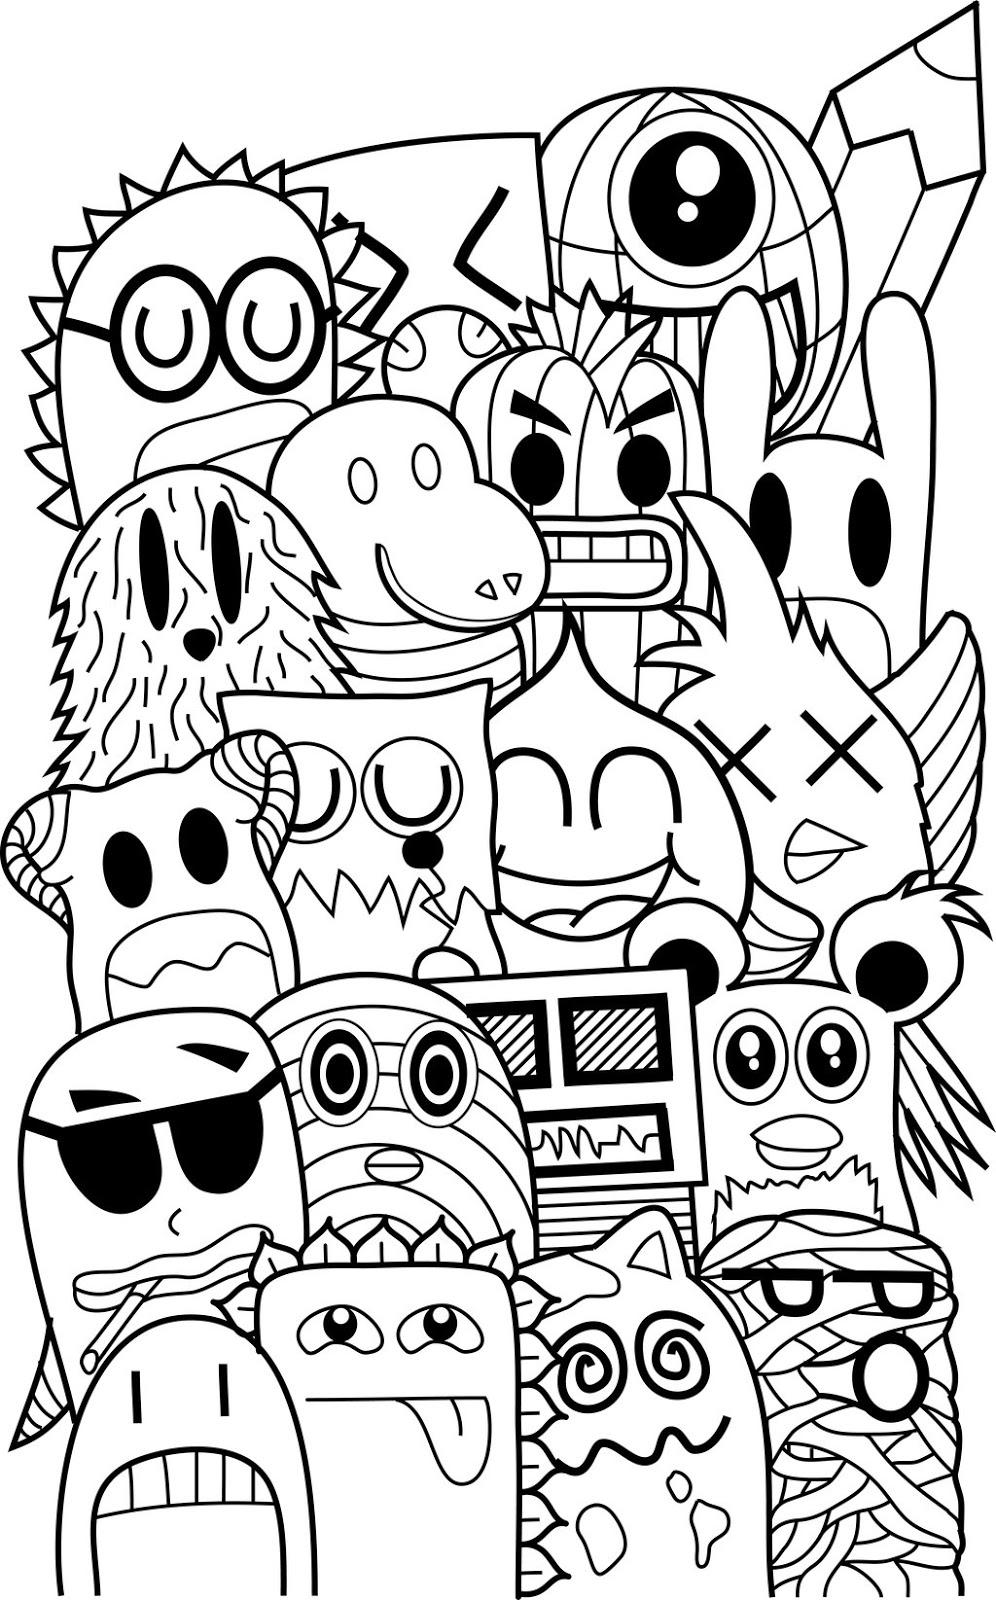 Doodle monster II  graffitipicart